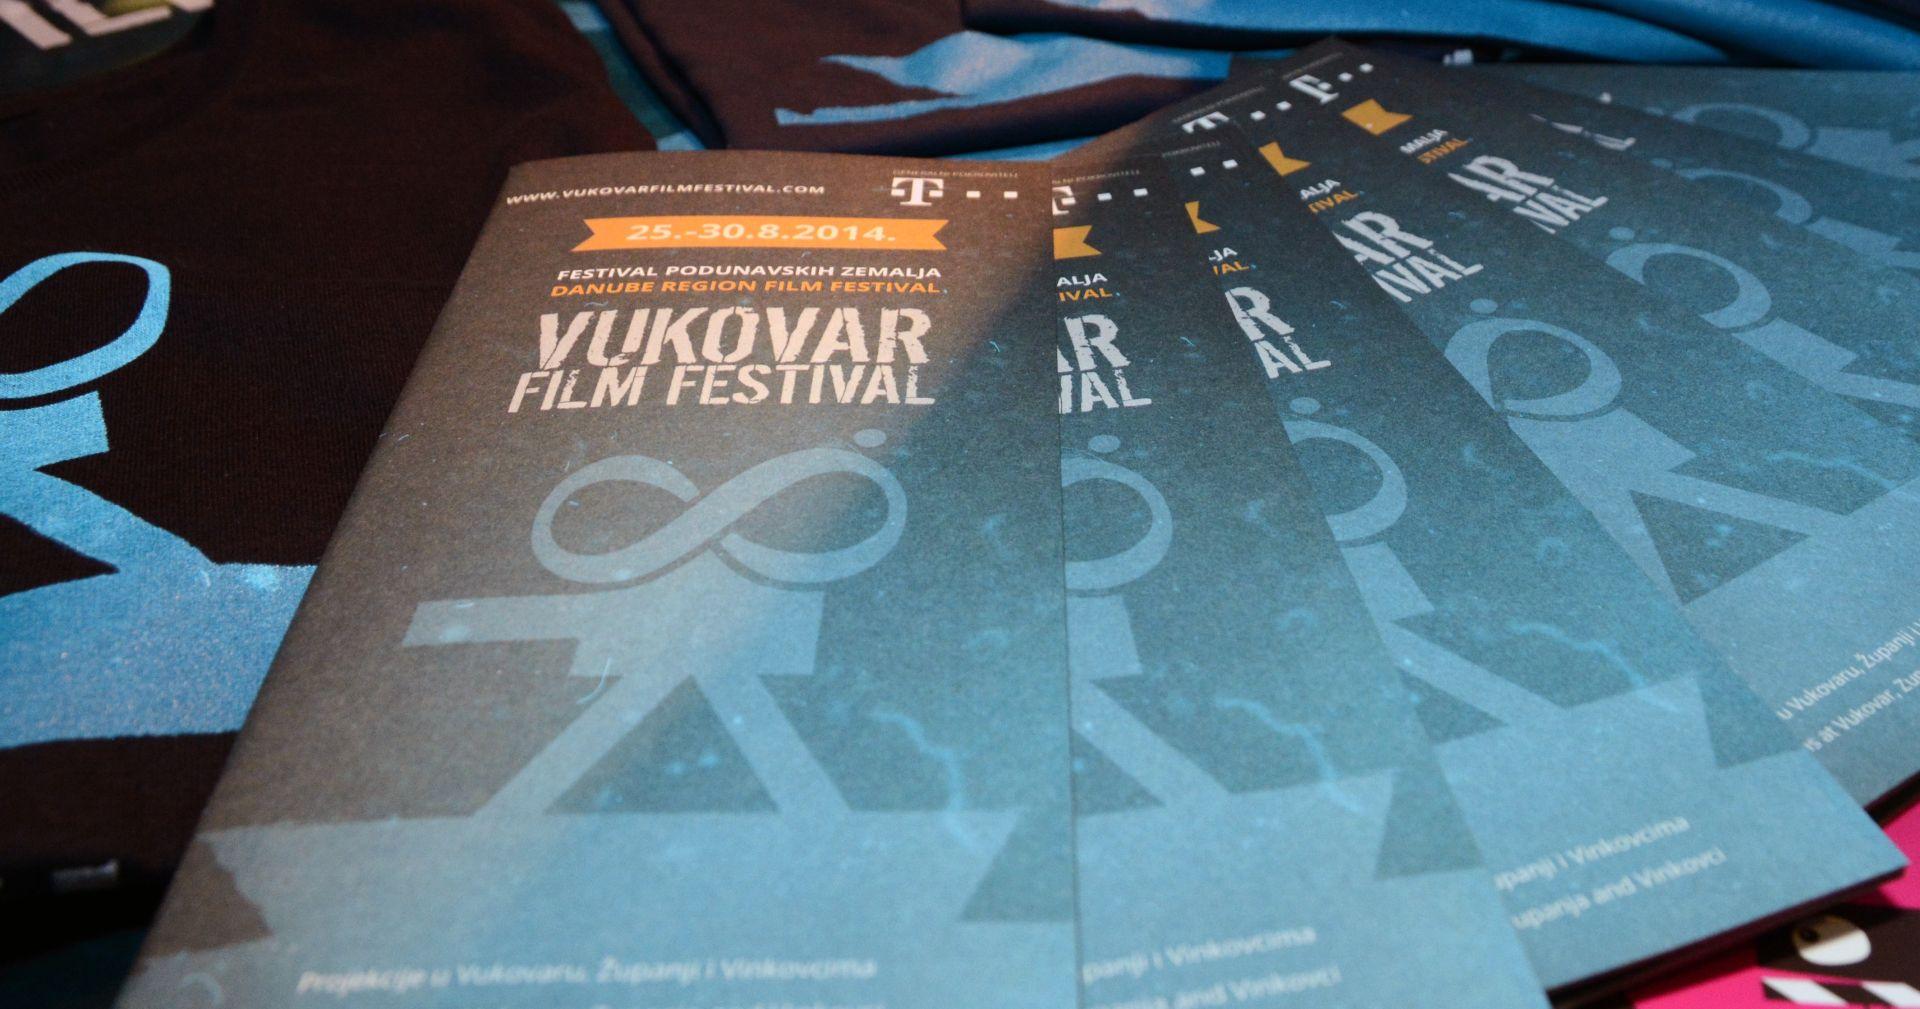 NOVI FILMSKI I GLAZBENI DOŽIVLJAJI Vukovar Film Festival traje od 22. do 27. kolovoza